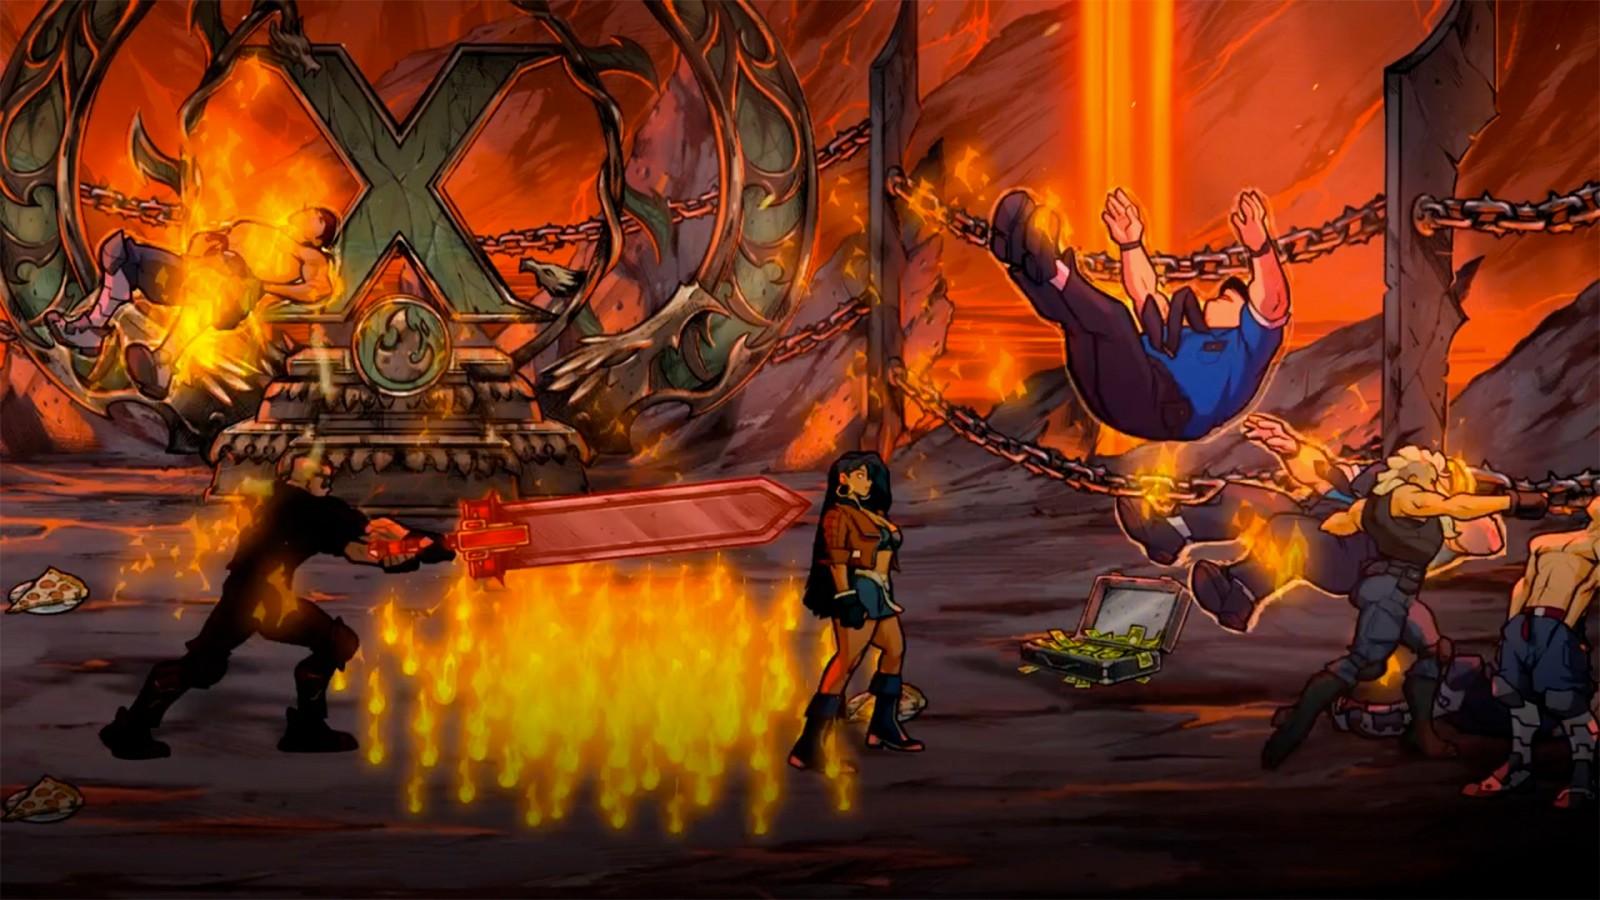 Reseña: Street of Rage 4 + Mr. X Nightmare DLC (Steam) 12